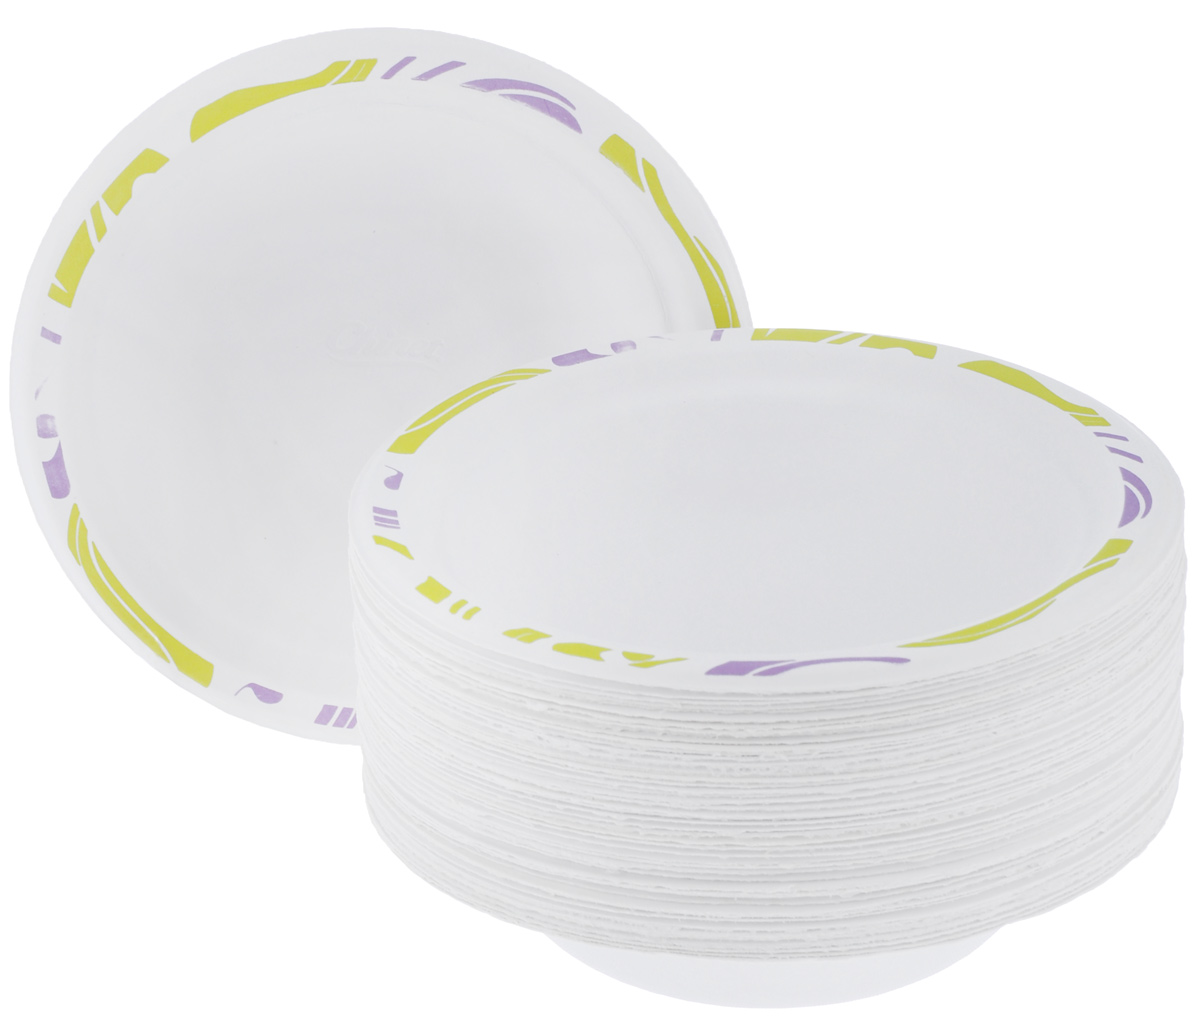 Набор одноразовых тарелок Chinet Flavour, цвет: белый, светло-зеленый, диаметр 18 см, 50 штПОС29287Набор Chinet Flavour состоит из 50 круглых тарелок, выполненных из плотной бумаги и предназначенных для одноразового использования. Изделия декорированы оригинальным узором. Одноразовые тарелки будут незаменимы при поездках на природу, пикниках и других мероприятиях. Они не займут много места, легки и самое главное - после использования их не надо мыть.Диаметр тарелки: 18 см.Высота тарелки: 1,5 см.